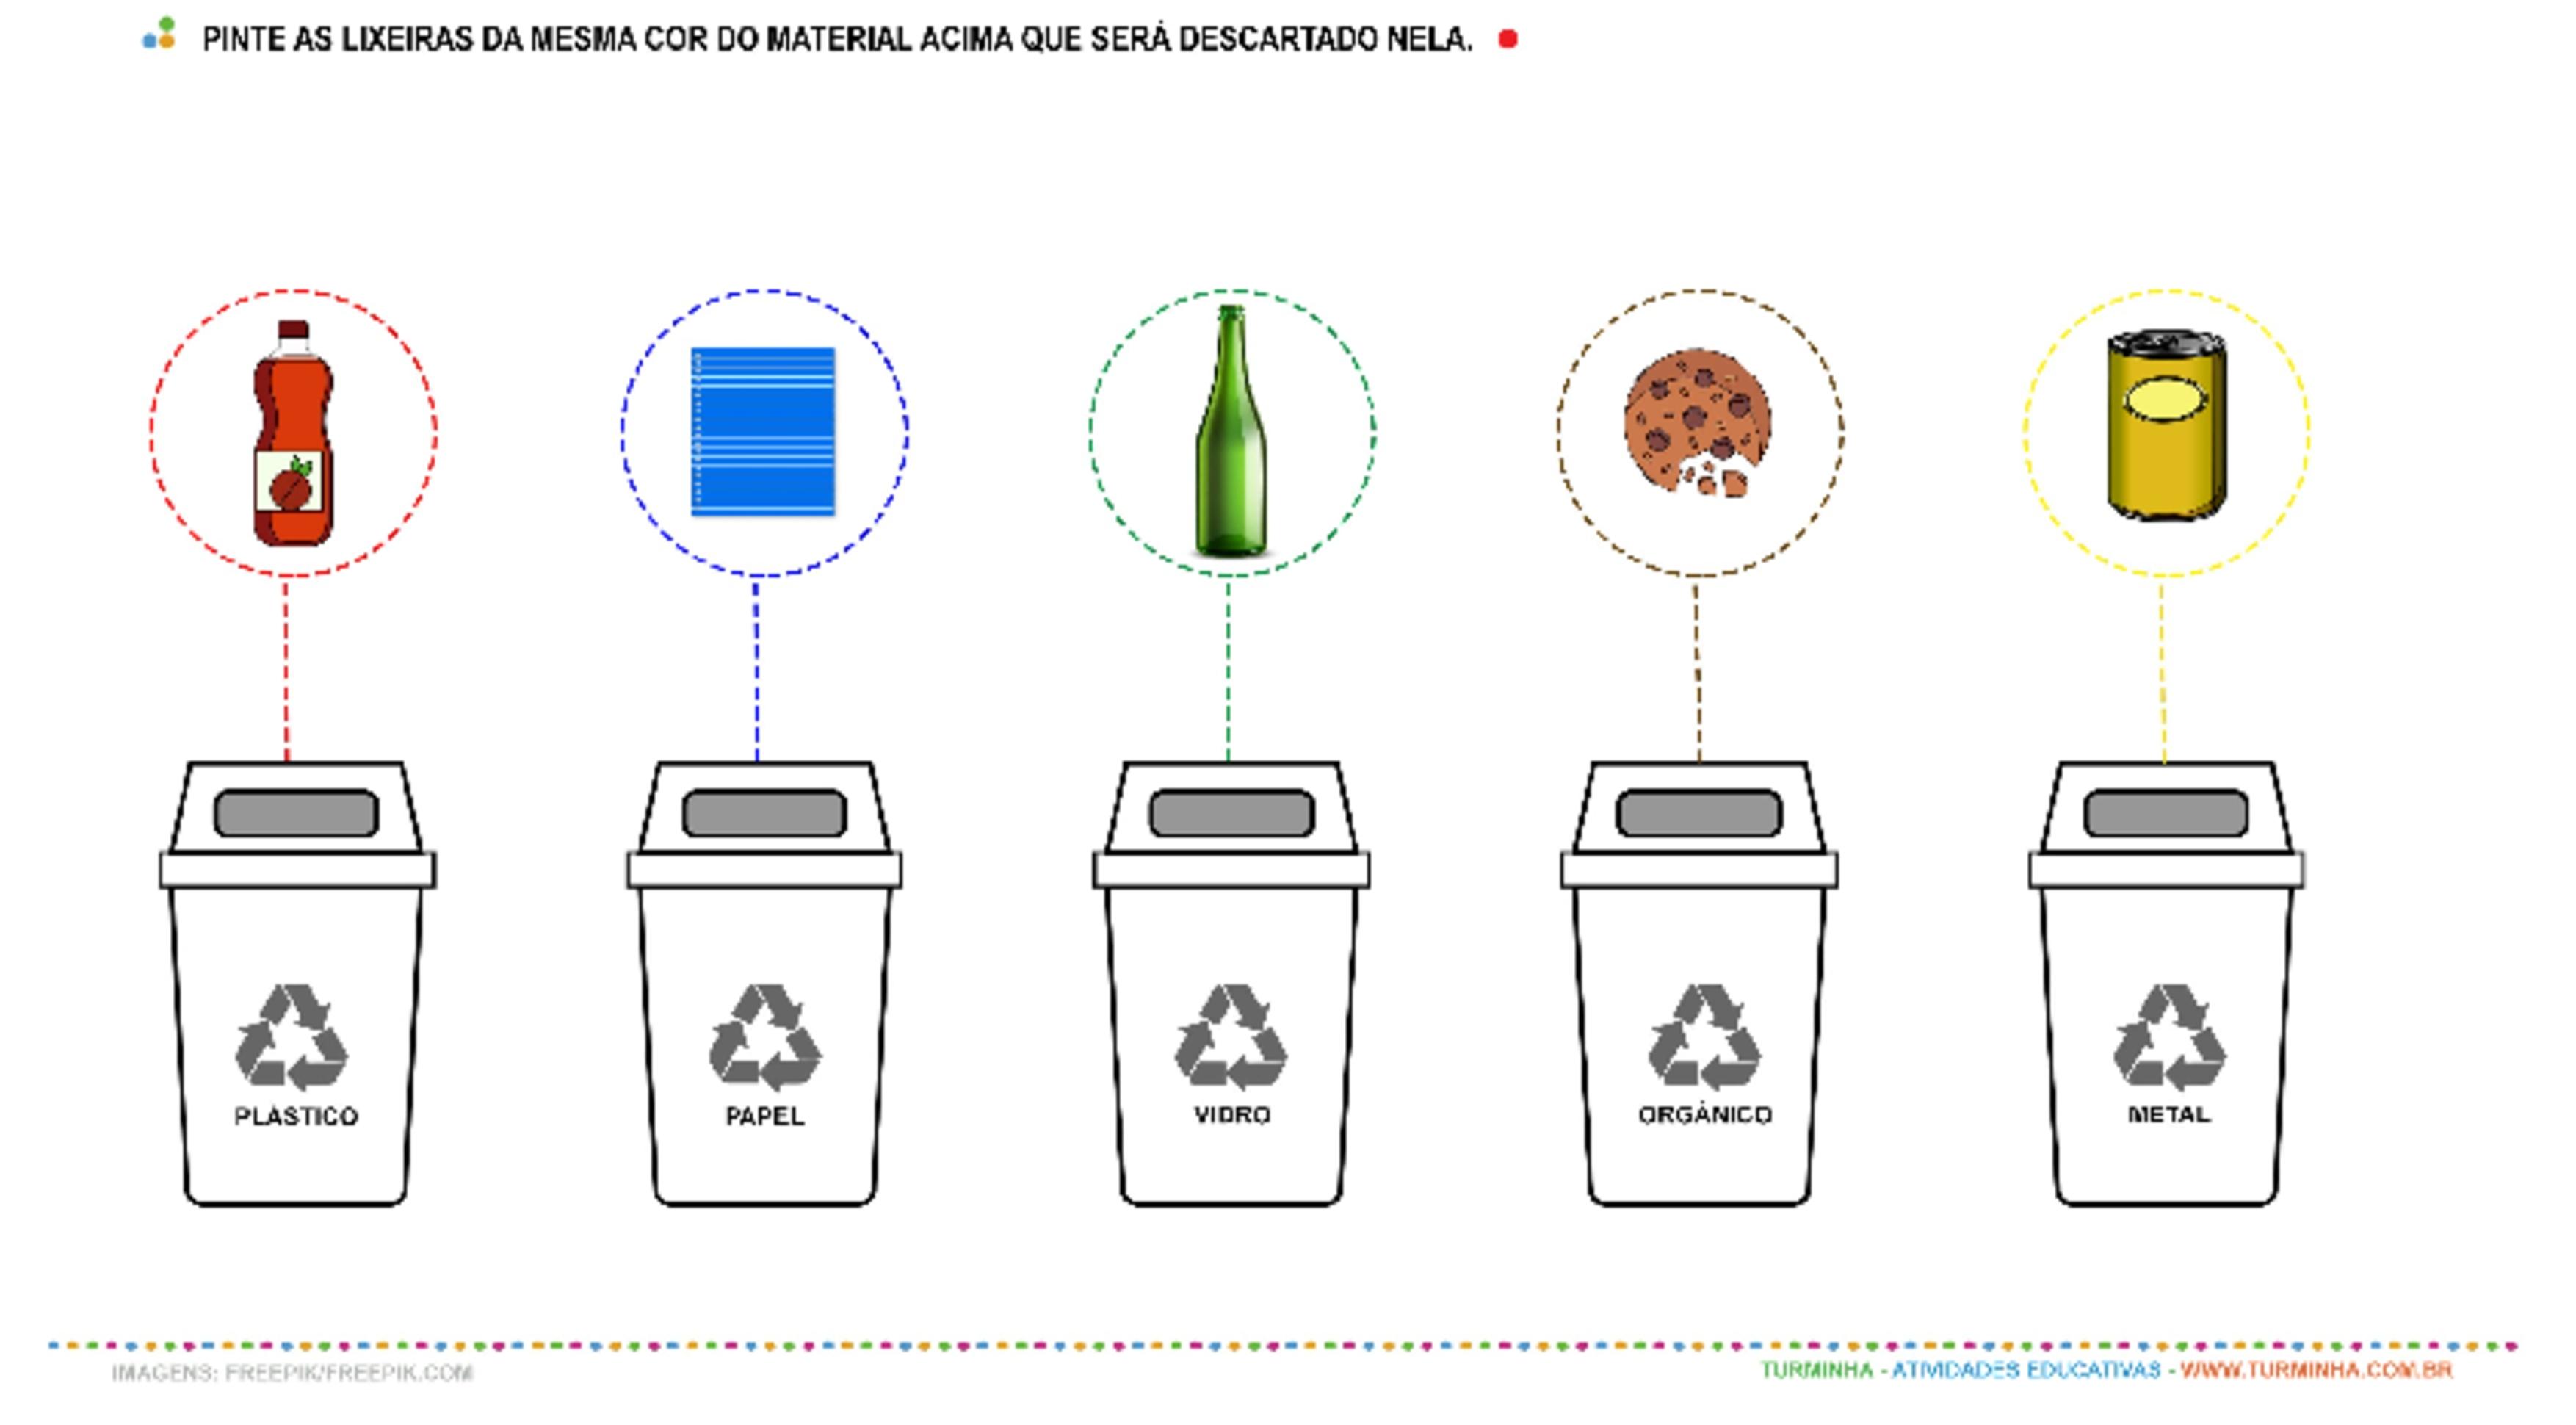 Dia do Meio ambiente - Aprendendo a reciclar - atividade educativa para Pré-Escola (4 e 5 anos)